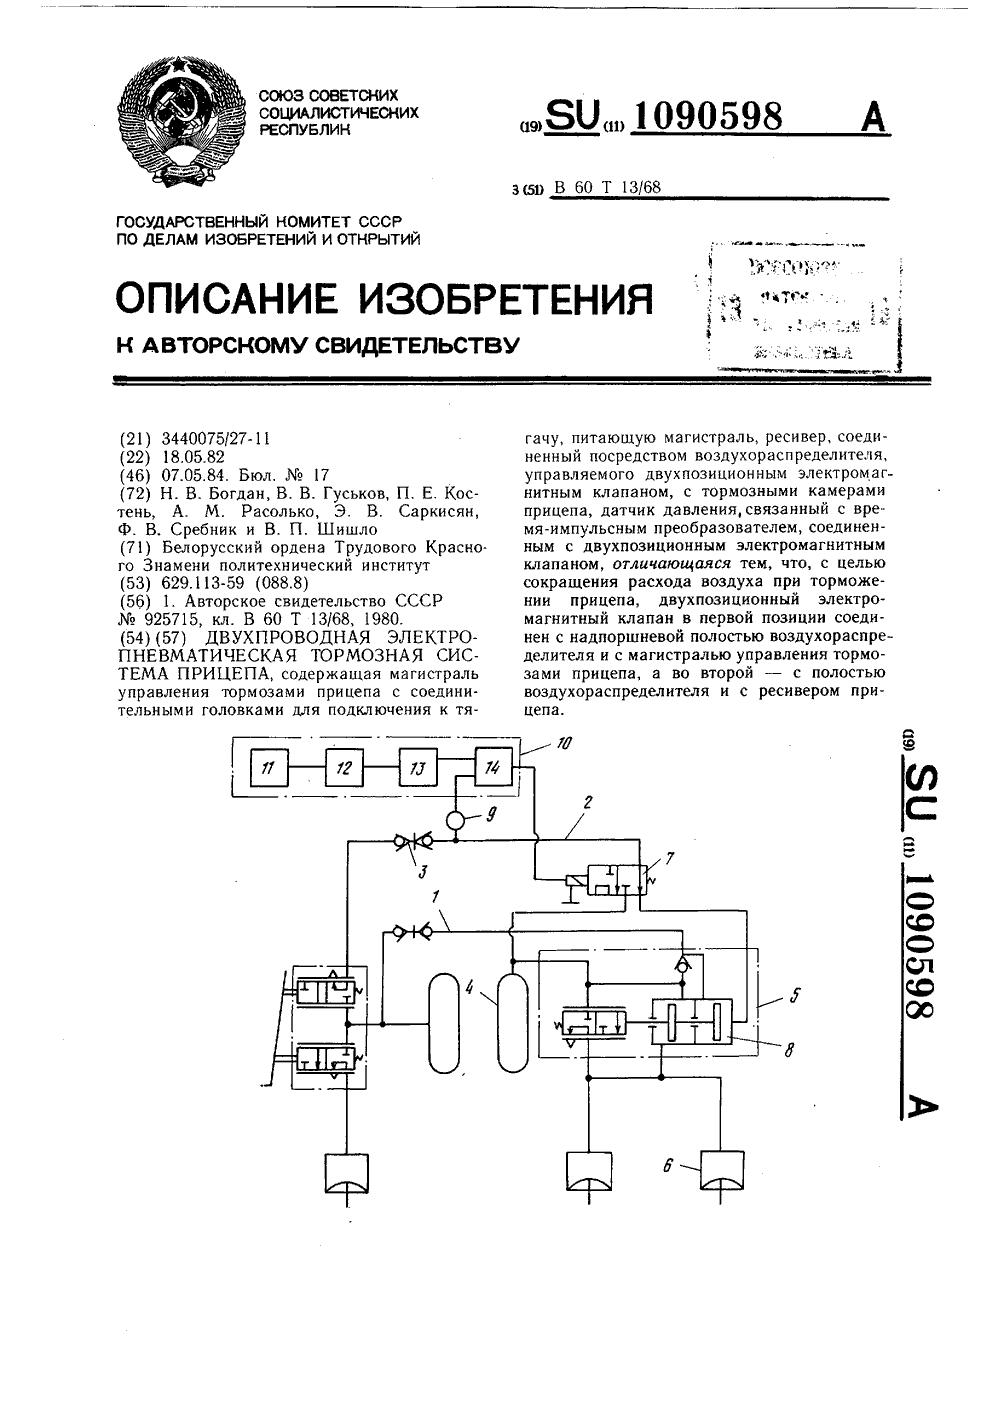 схема двухконтурной тормозной системы прицепа